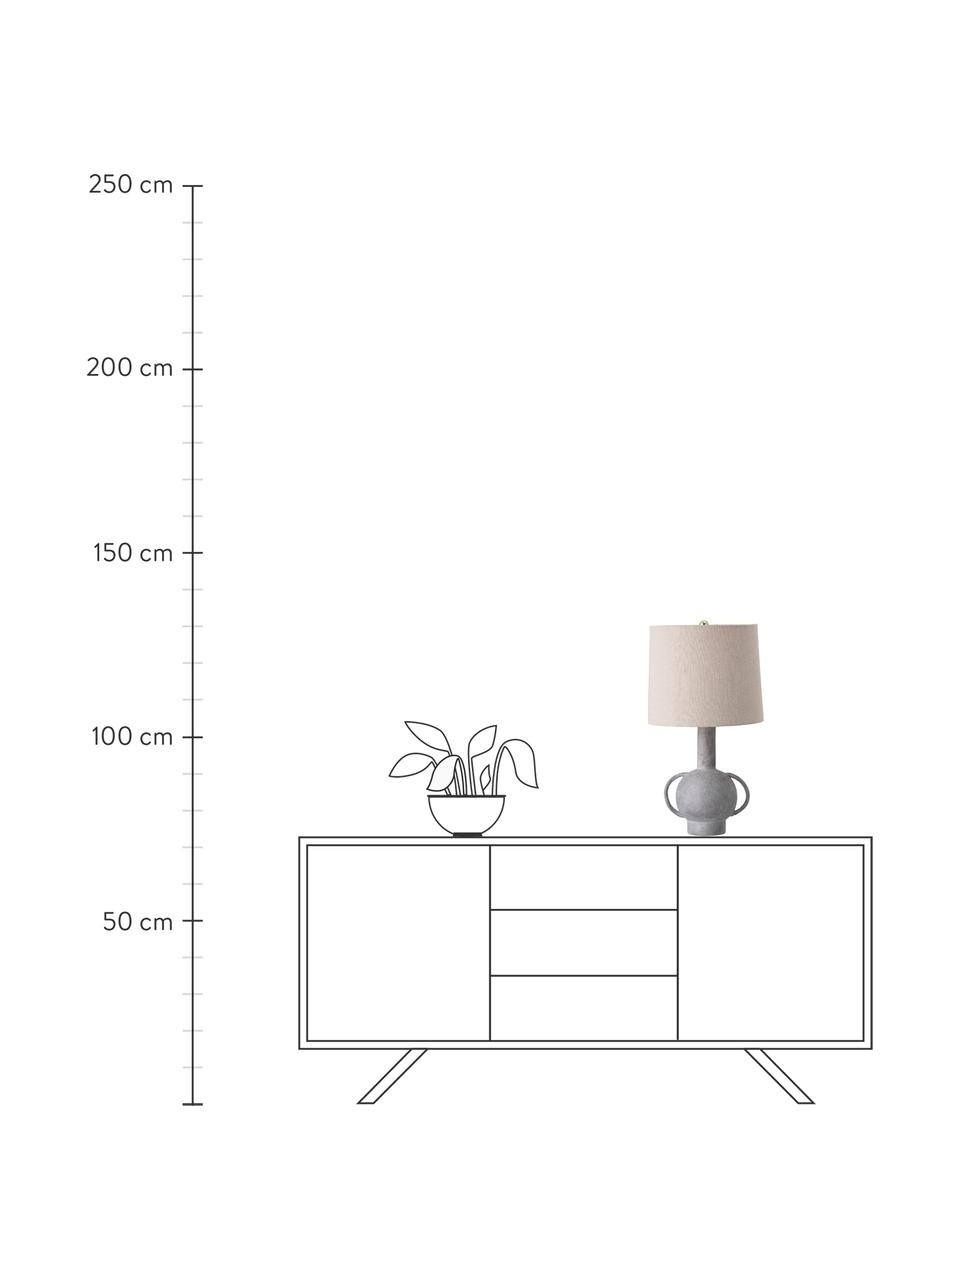 Große Tischlampe Ranya aus Terrakotta und Leinen, Lampenschirm: Leinen, Lampenfuß: Terrakotta, Dekor: Metall, Grau, Hellbeige, Ø 31 x H 59 cm